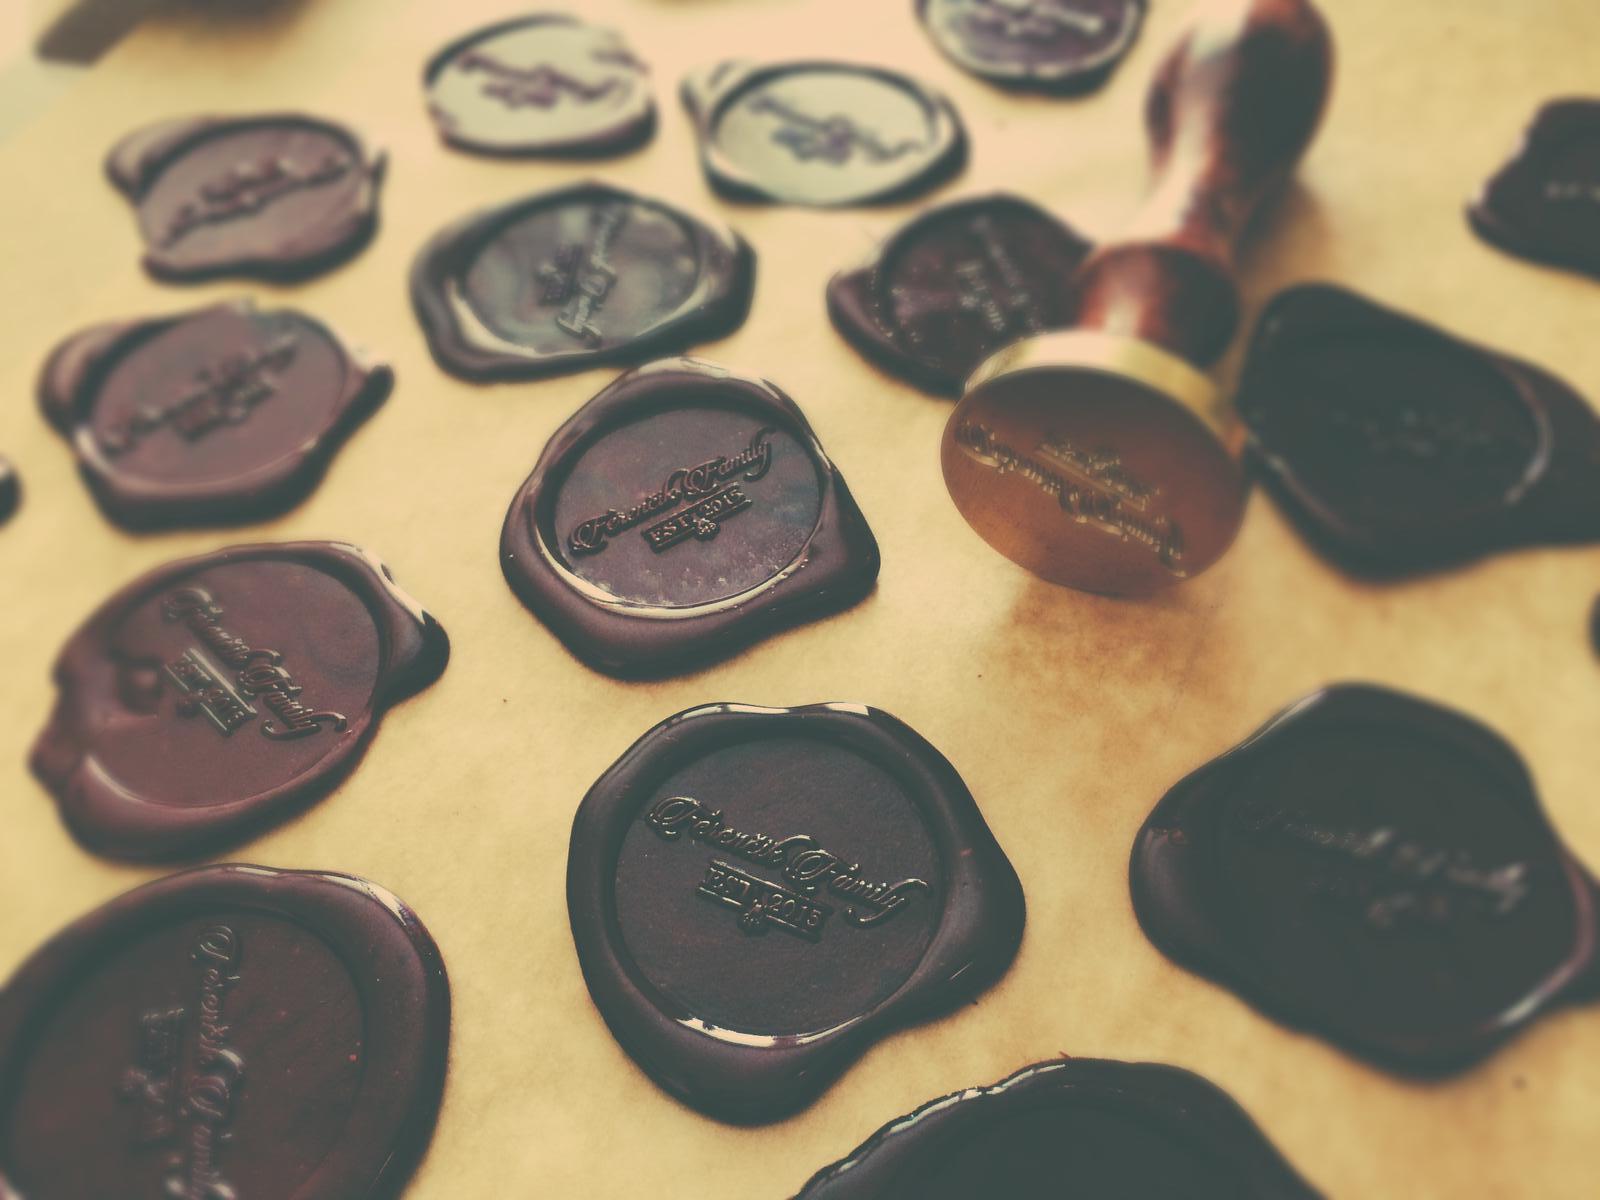 Čo už máme - Vyrábam pečate 😊